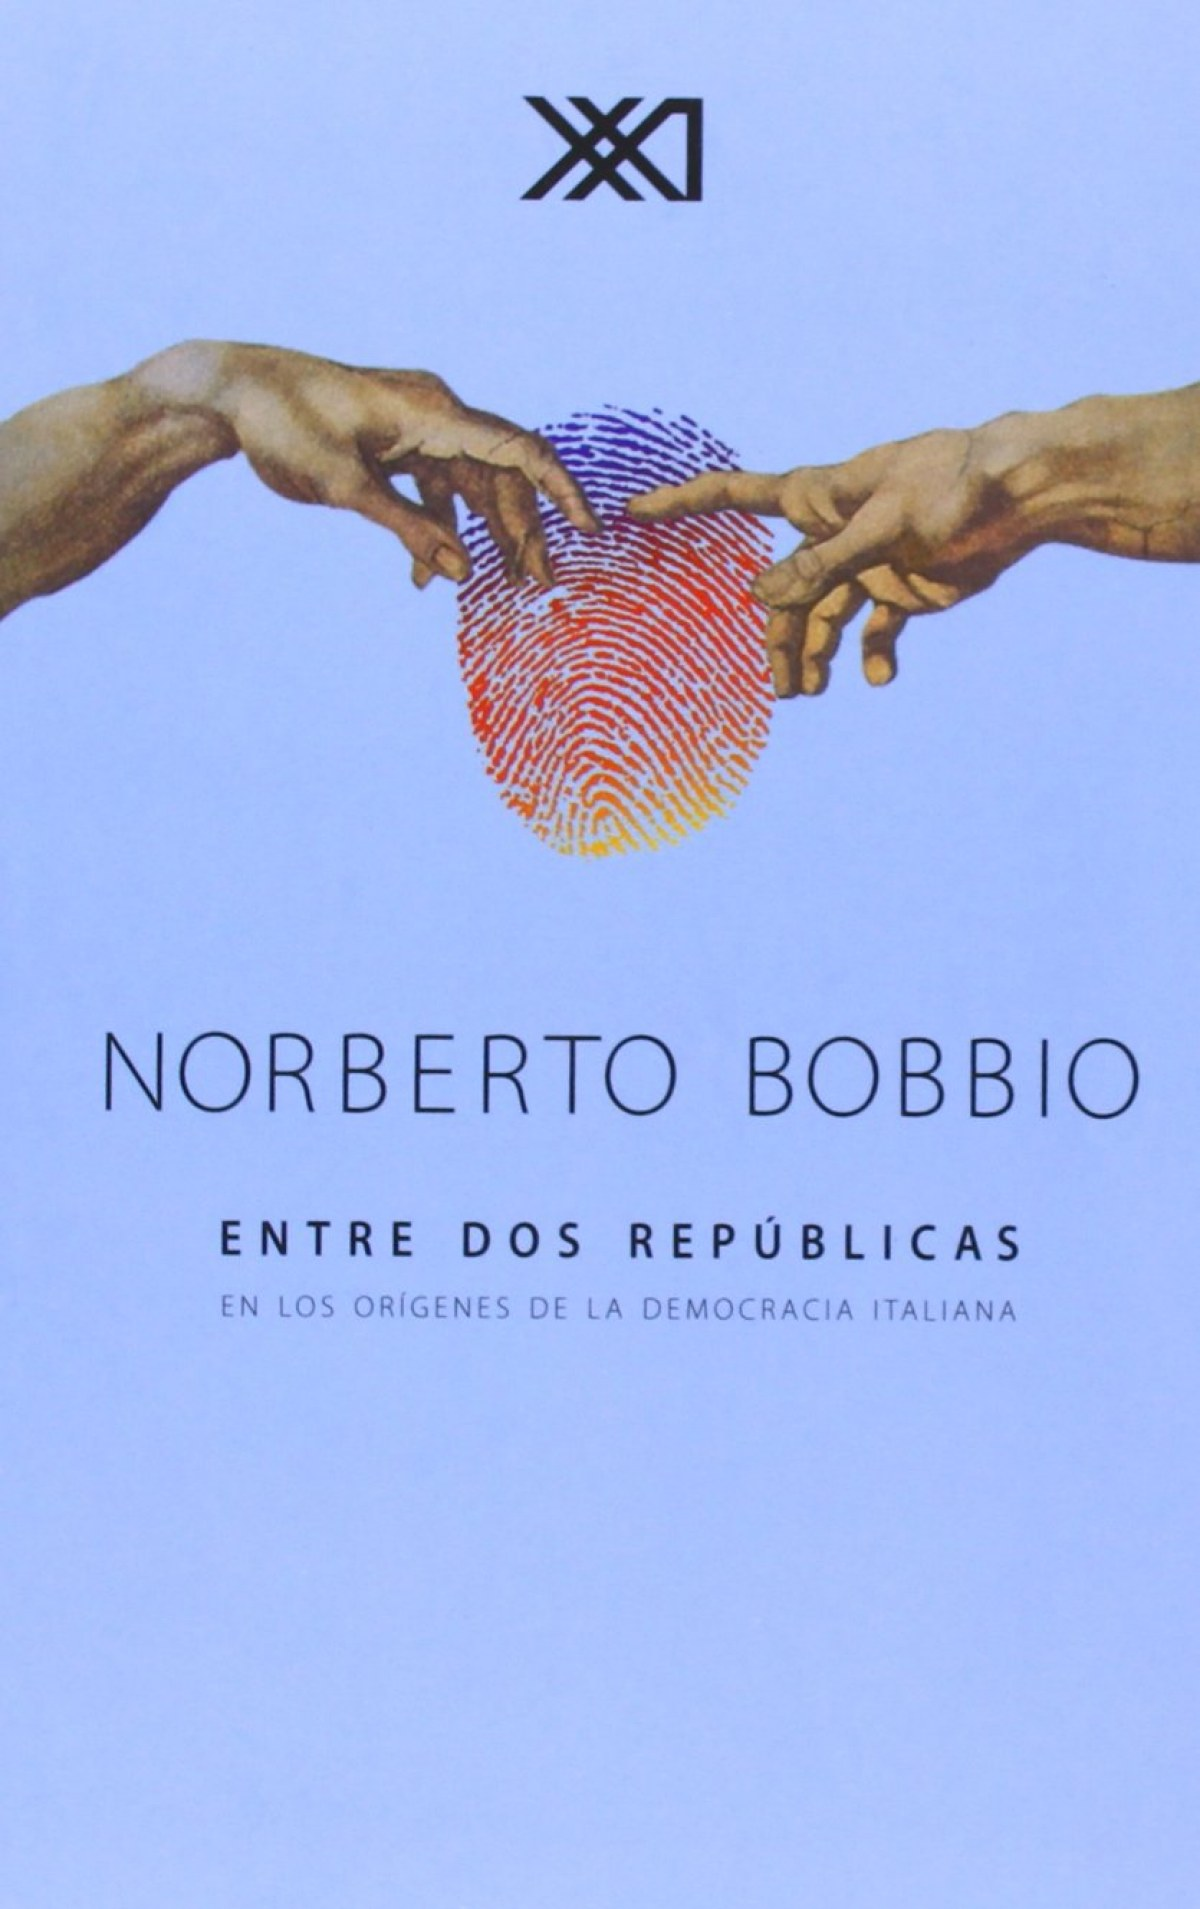 Entre dos republicas - Bobbio, Norberto